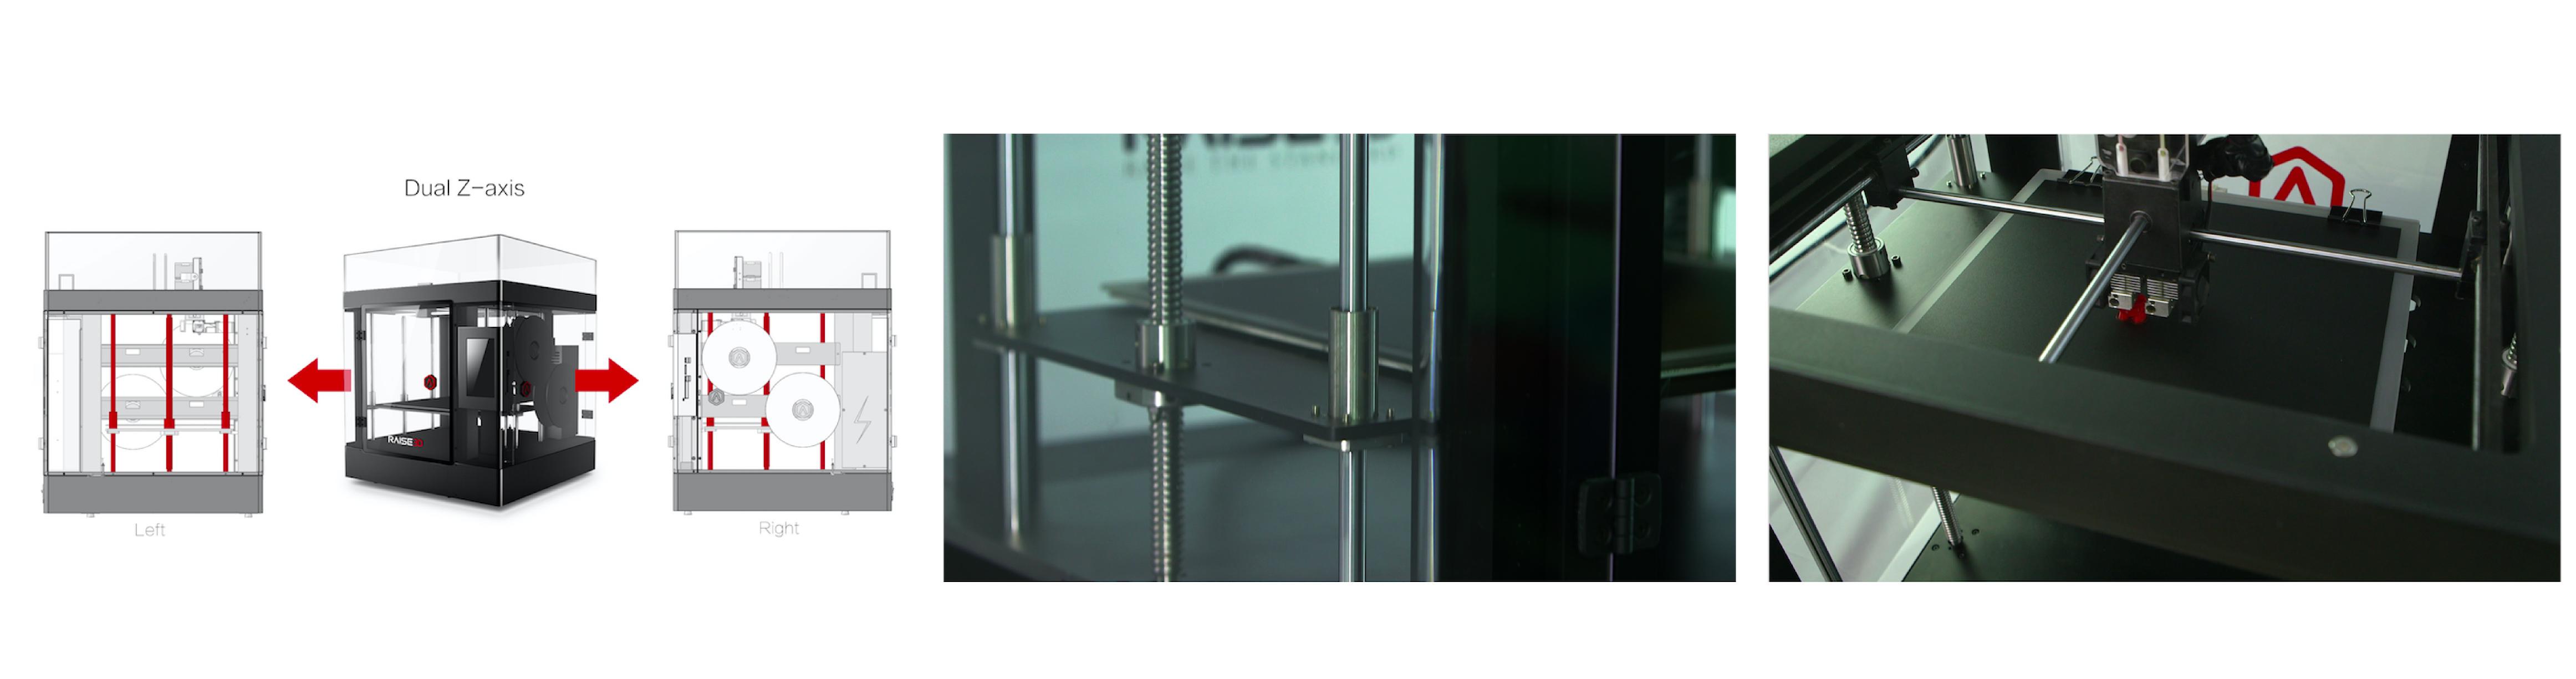 高さ610mmまでの大型造形から小さい造形まで可能な3種類のスタイル